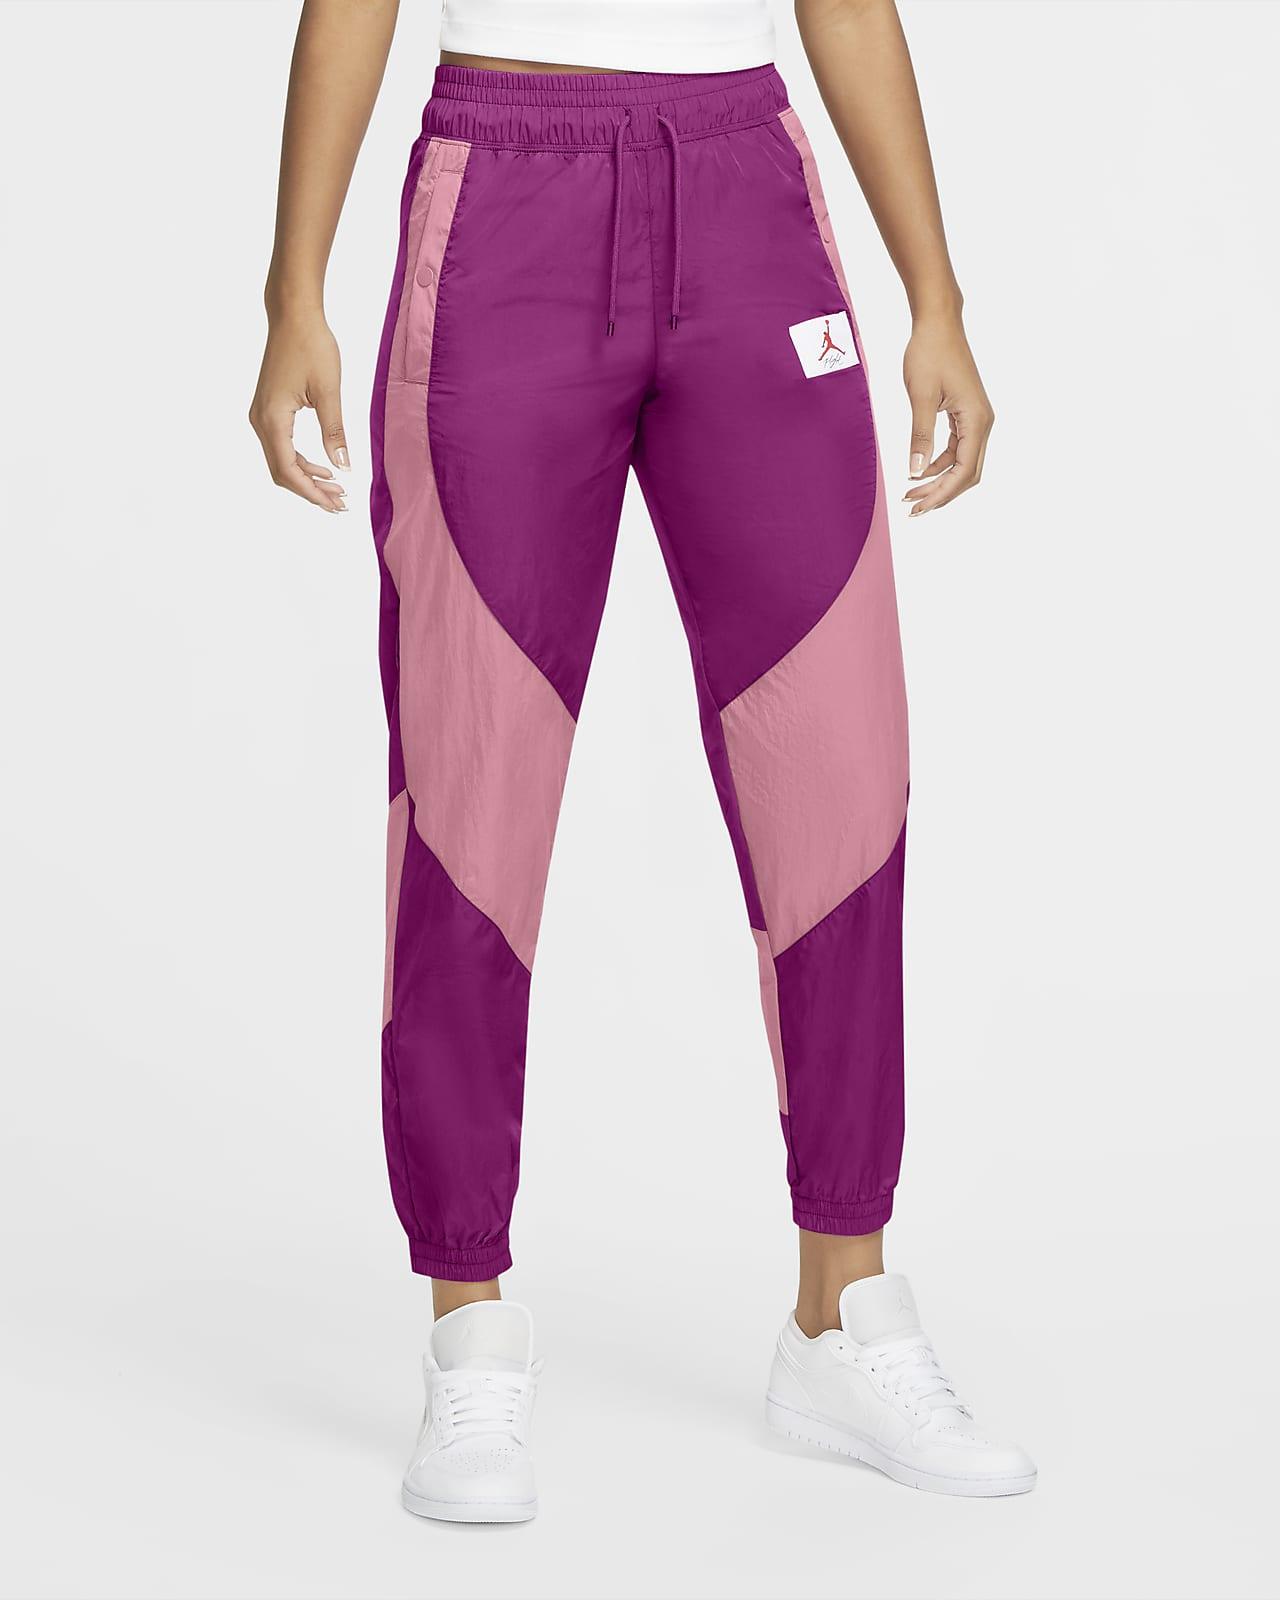 Pantalones De Tejido Woven Para Mujer Jordan Nike Com